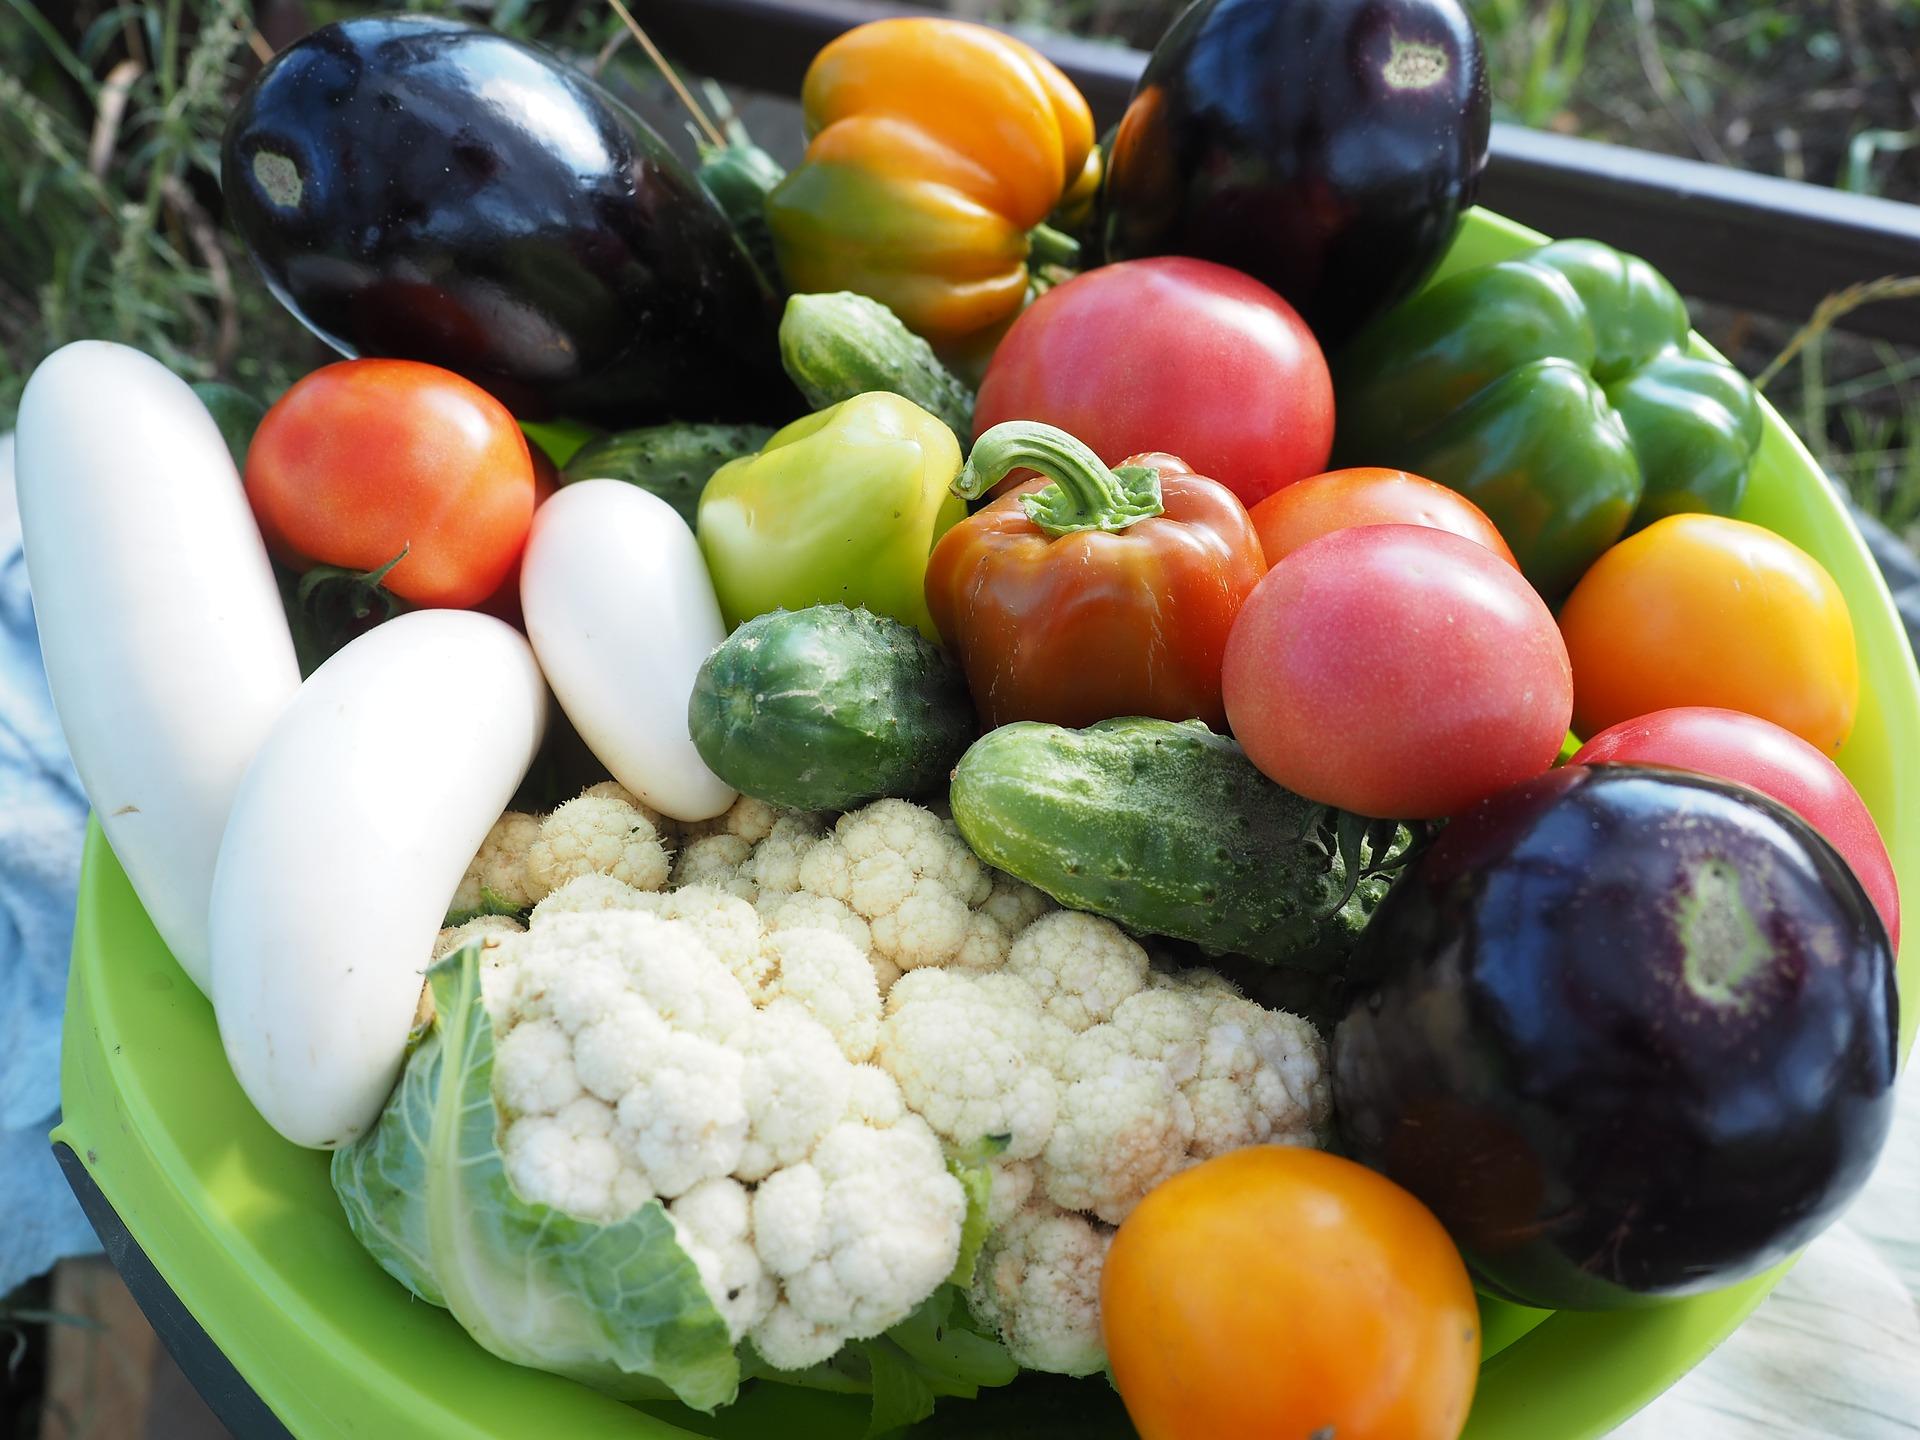 Un menu végétarien peut être très varié en ingrédients, en couleurs et en saveurs. C'est très loin de l'image triste qu'on lui porte parfois !